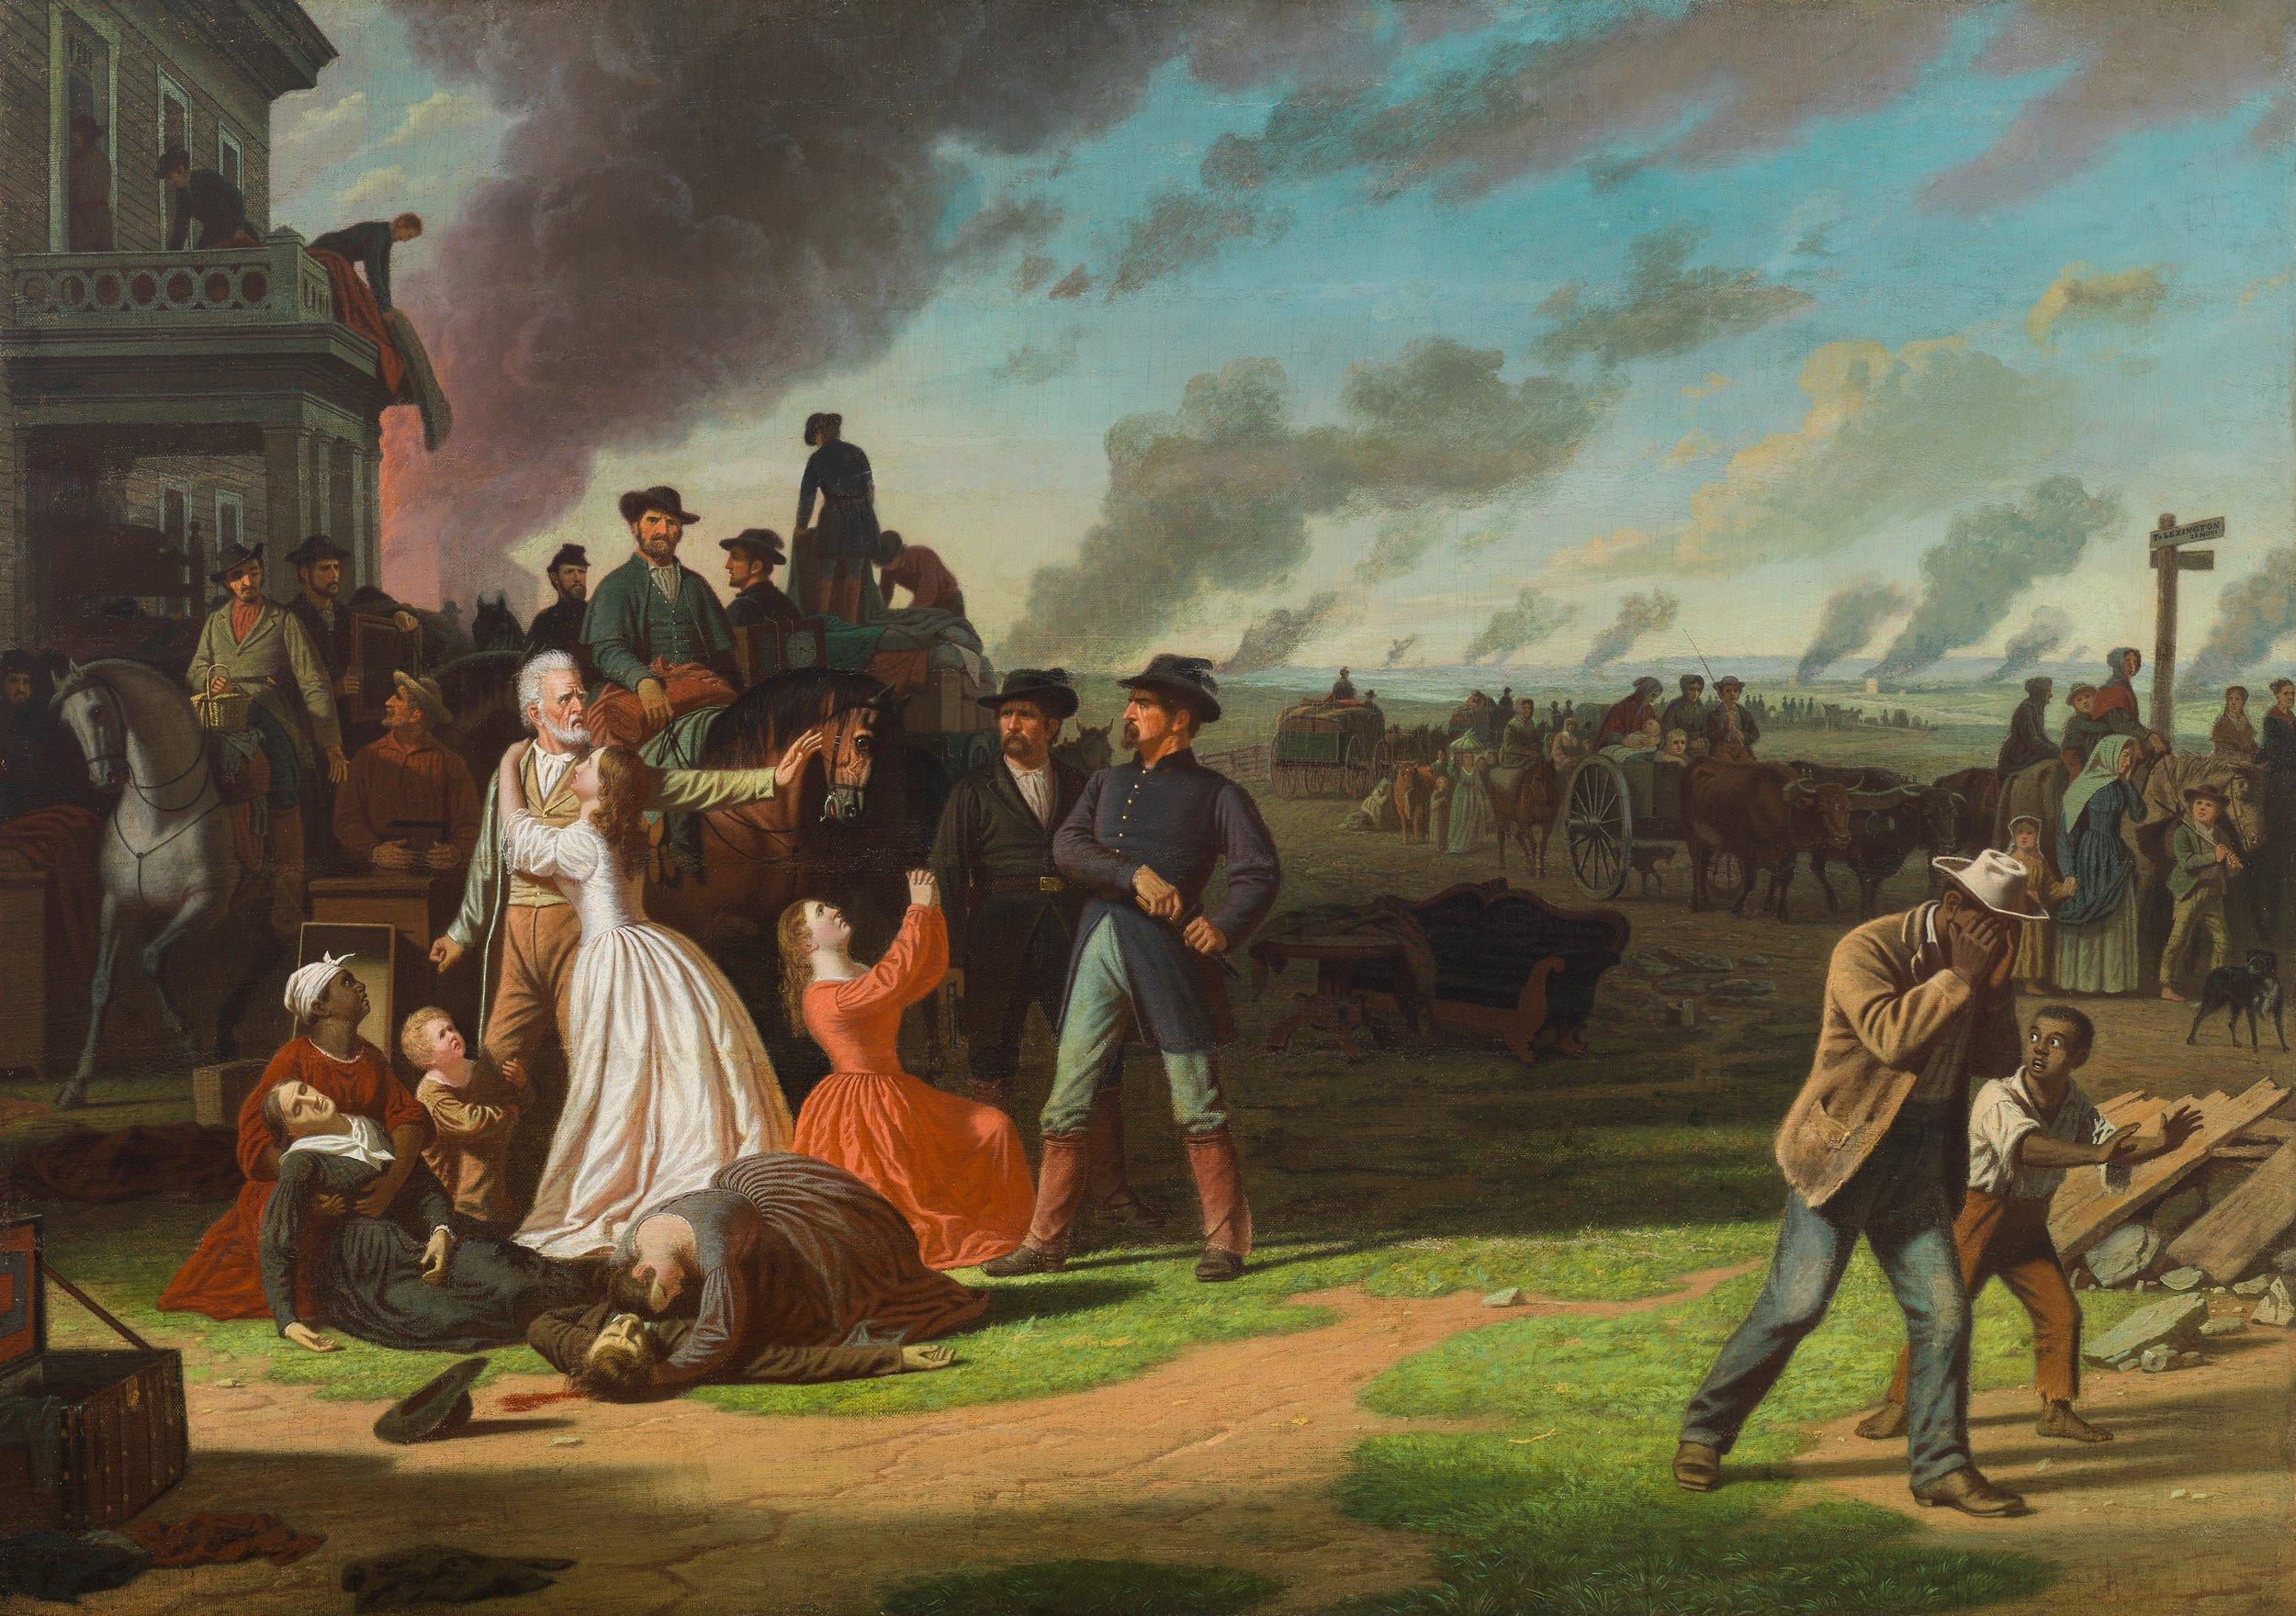 George Caleb Bingham (American, 1811-1879)  Order No. 11,  1865-1870 (Cincinnati Art Museum, Cincinnati, OH) (The Edwin and Virginia Irwin Memorial, 1958.515)  (click to enlarge)